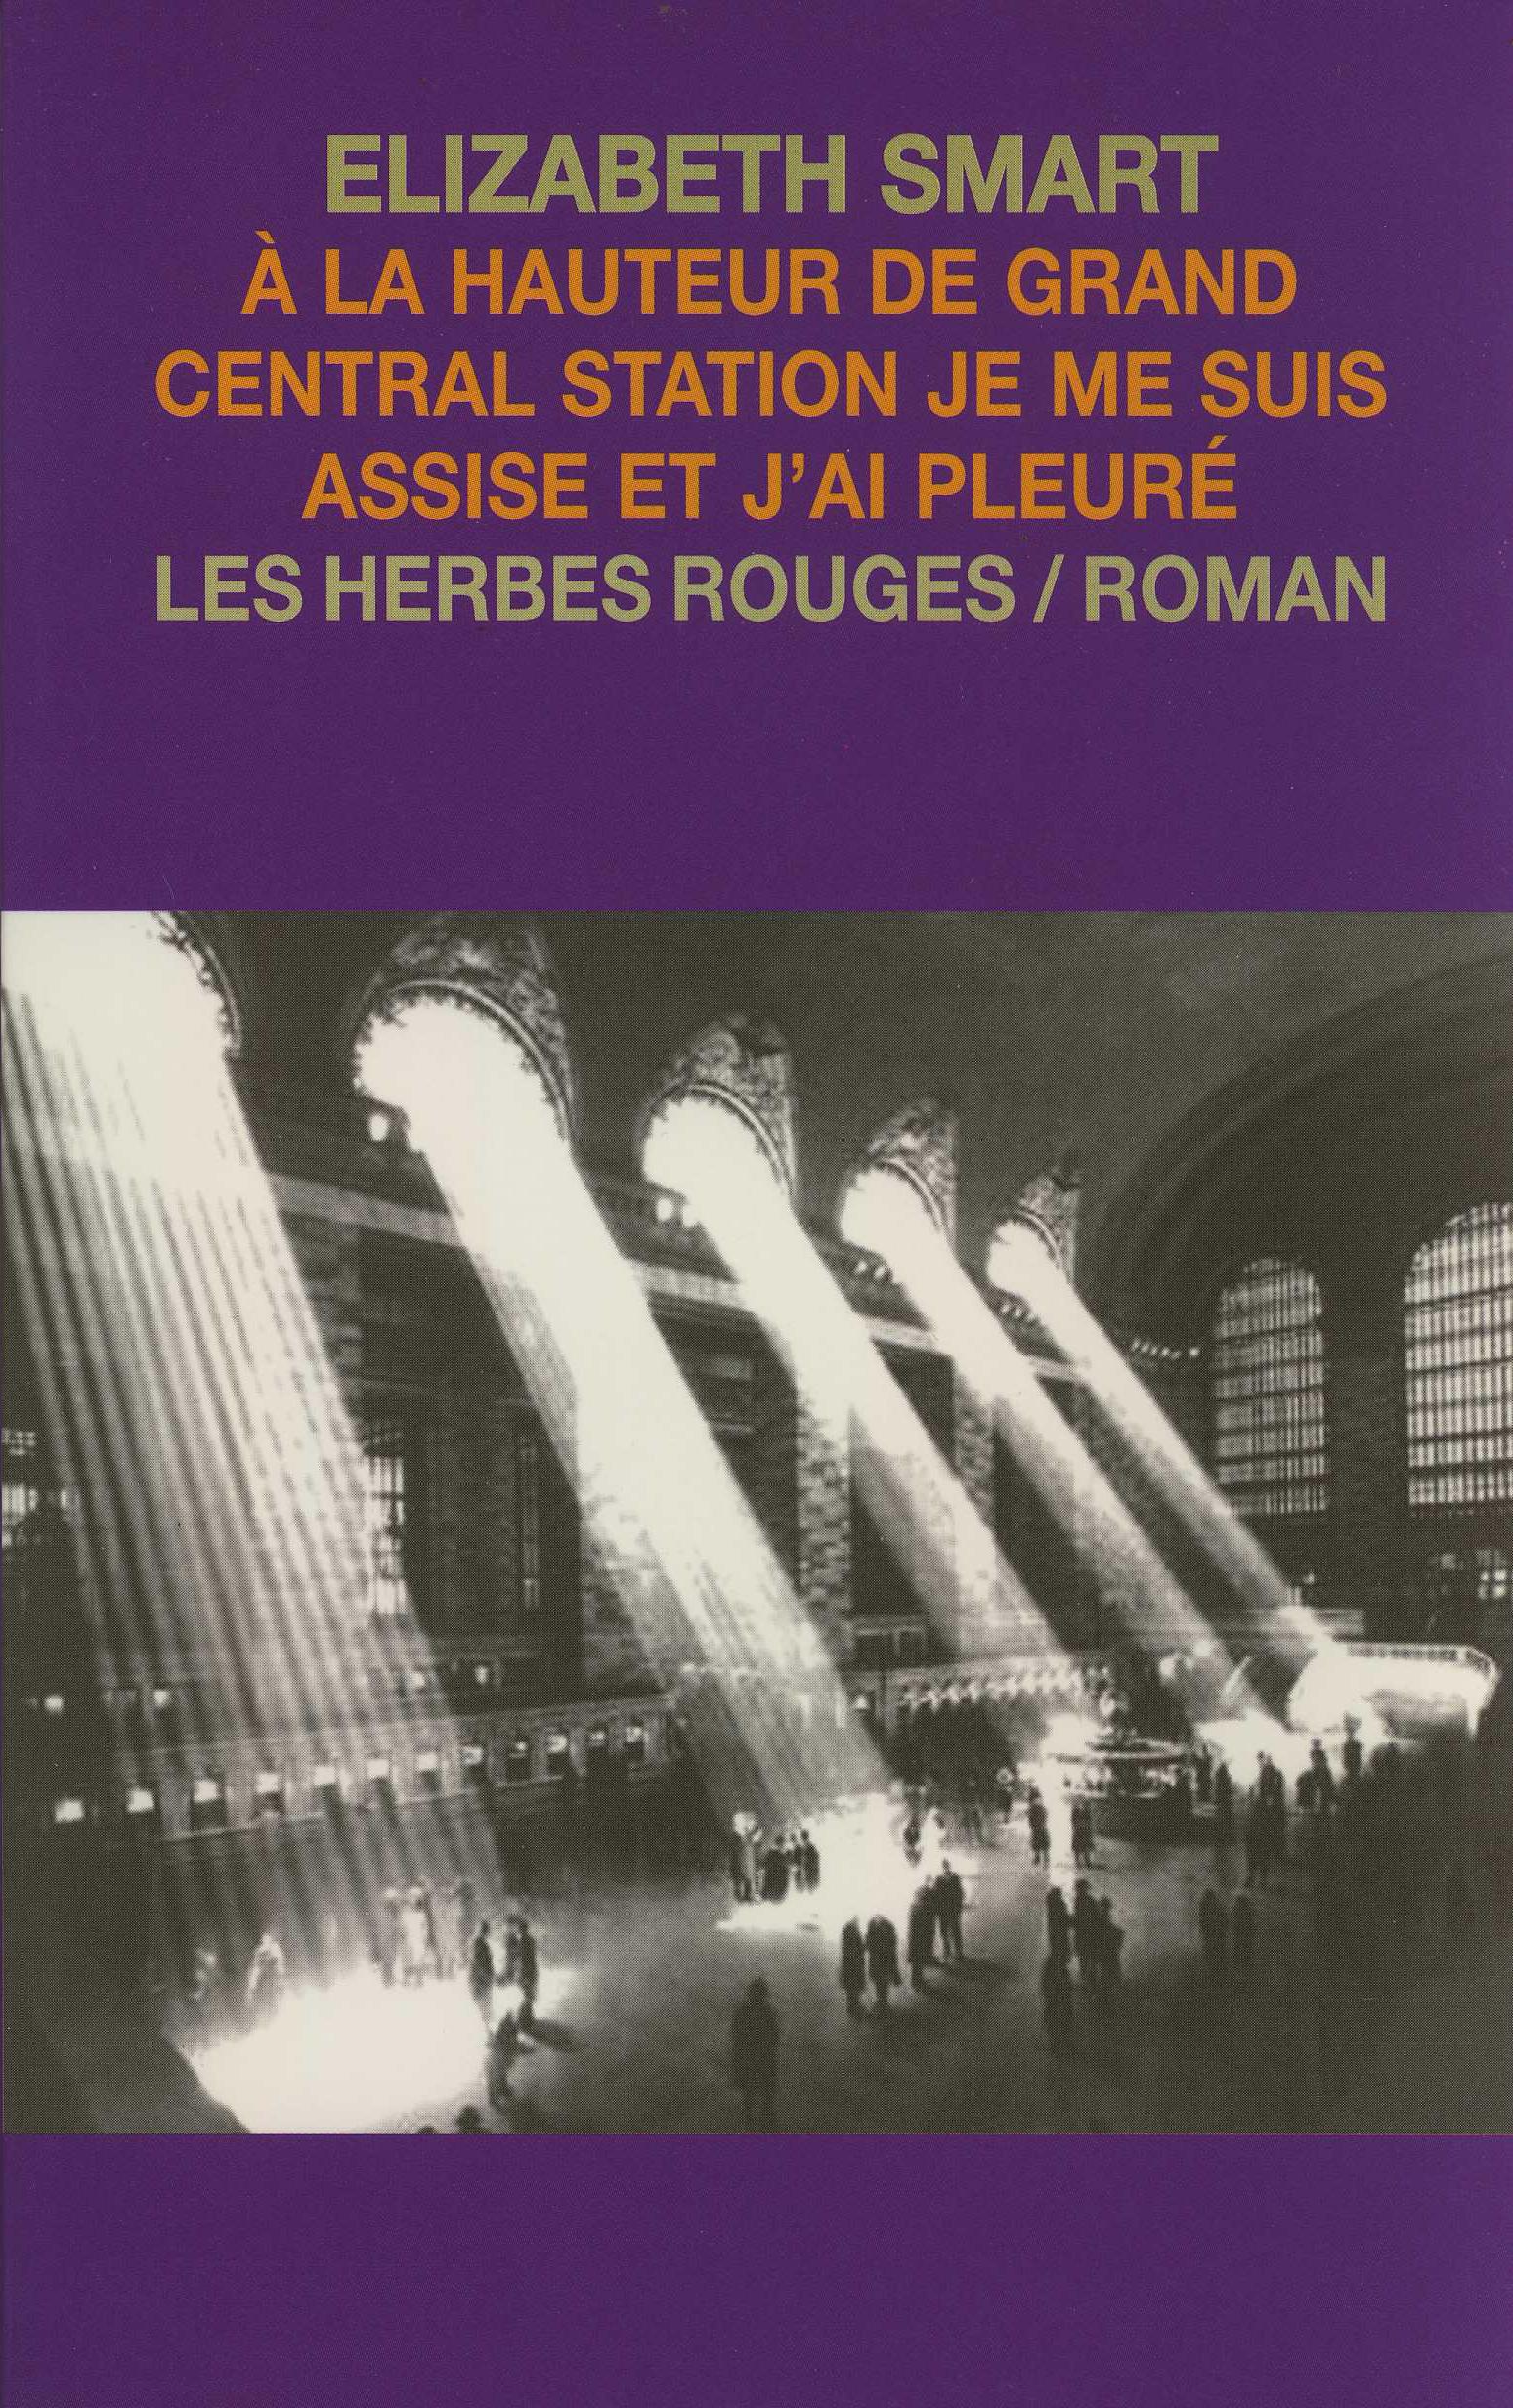 Couverture_Smart_A_la_hauteur_de_Grand_Central_Station_je_me_suis_assise_et_j_ai_pleure_300dpi